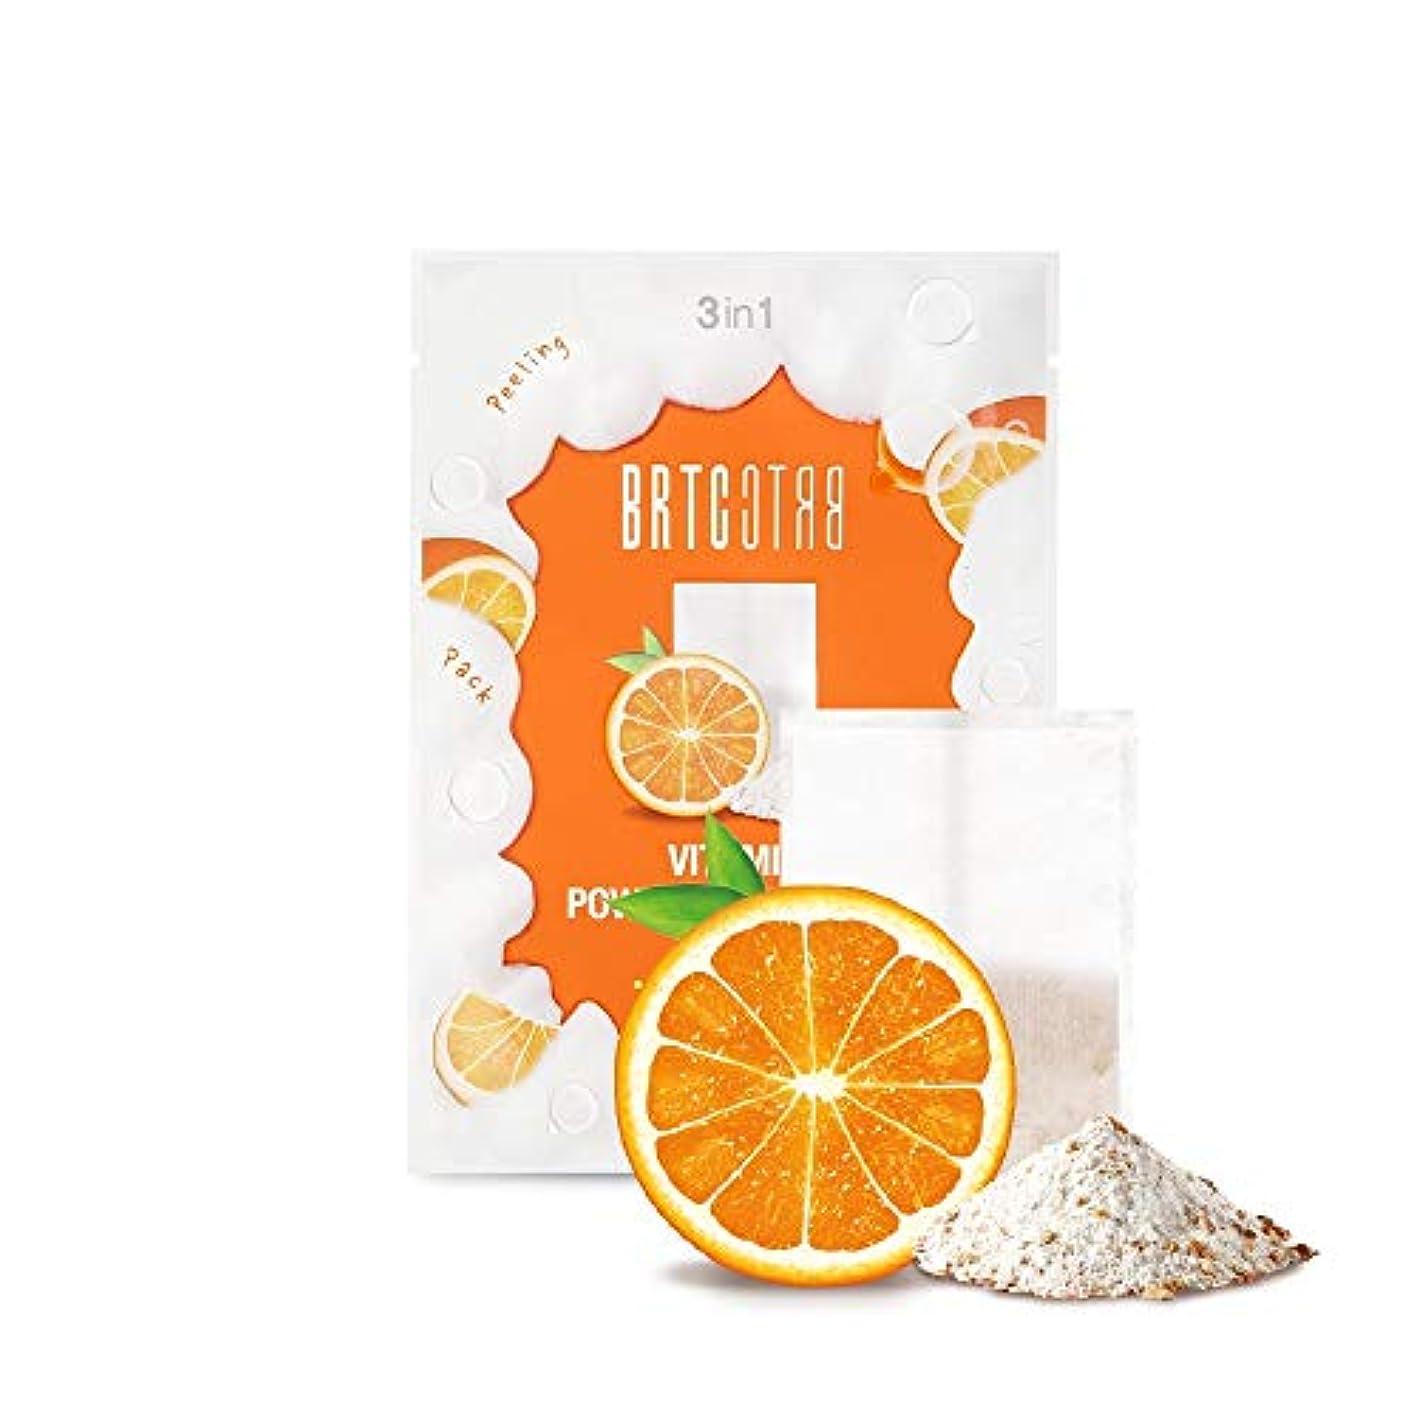 れる暴露するテレマコスBRTC V10ビタミンパウダークレンジングティーバッグ V10 Vitamin Powder Cleansing Tea Bag [MANDARIN&ORANGE] 1.5g * 15ea [並行輸入品]